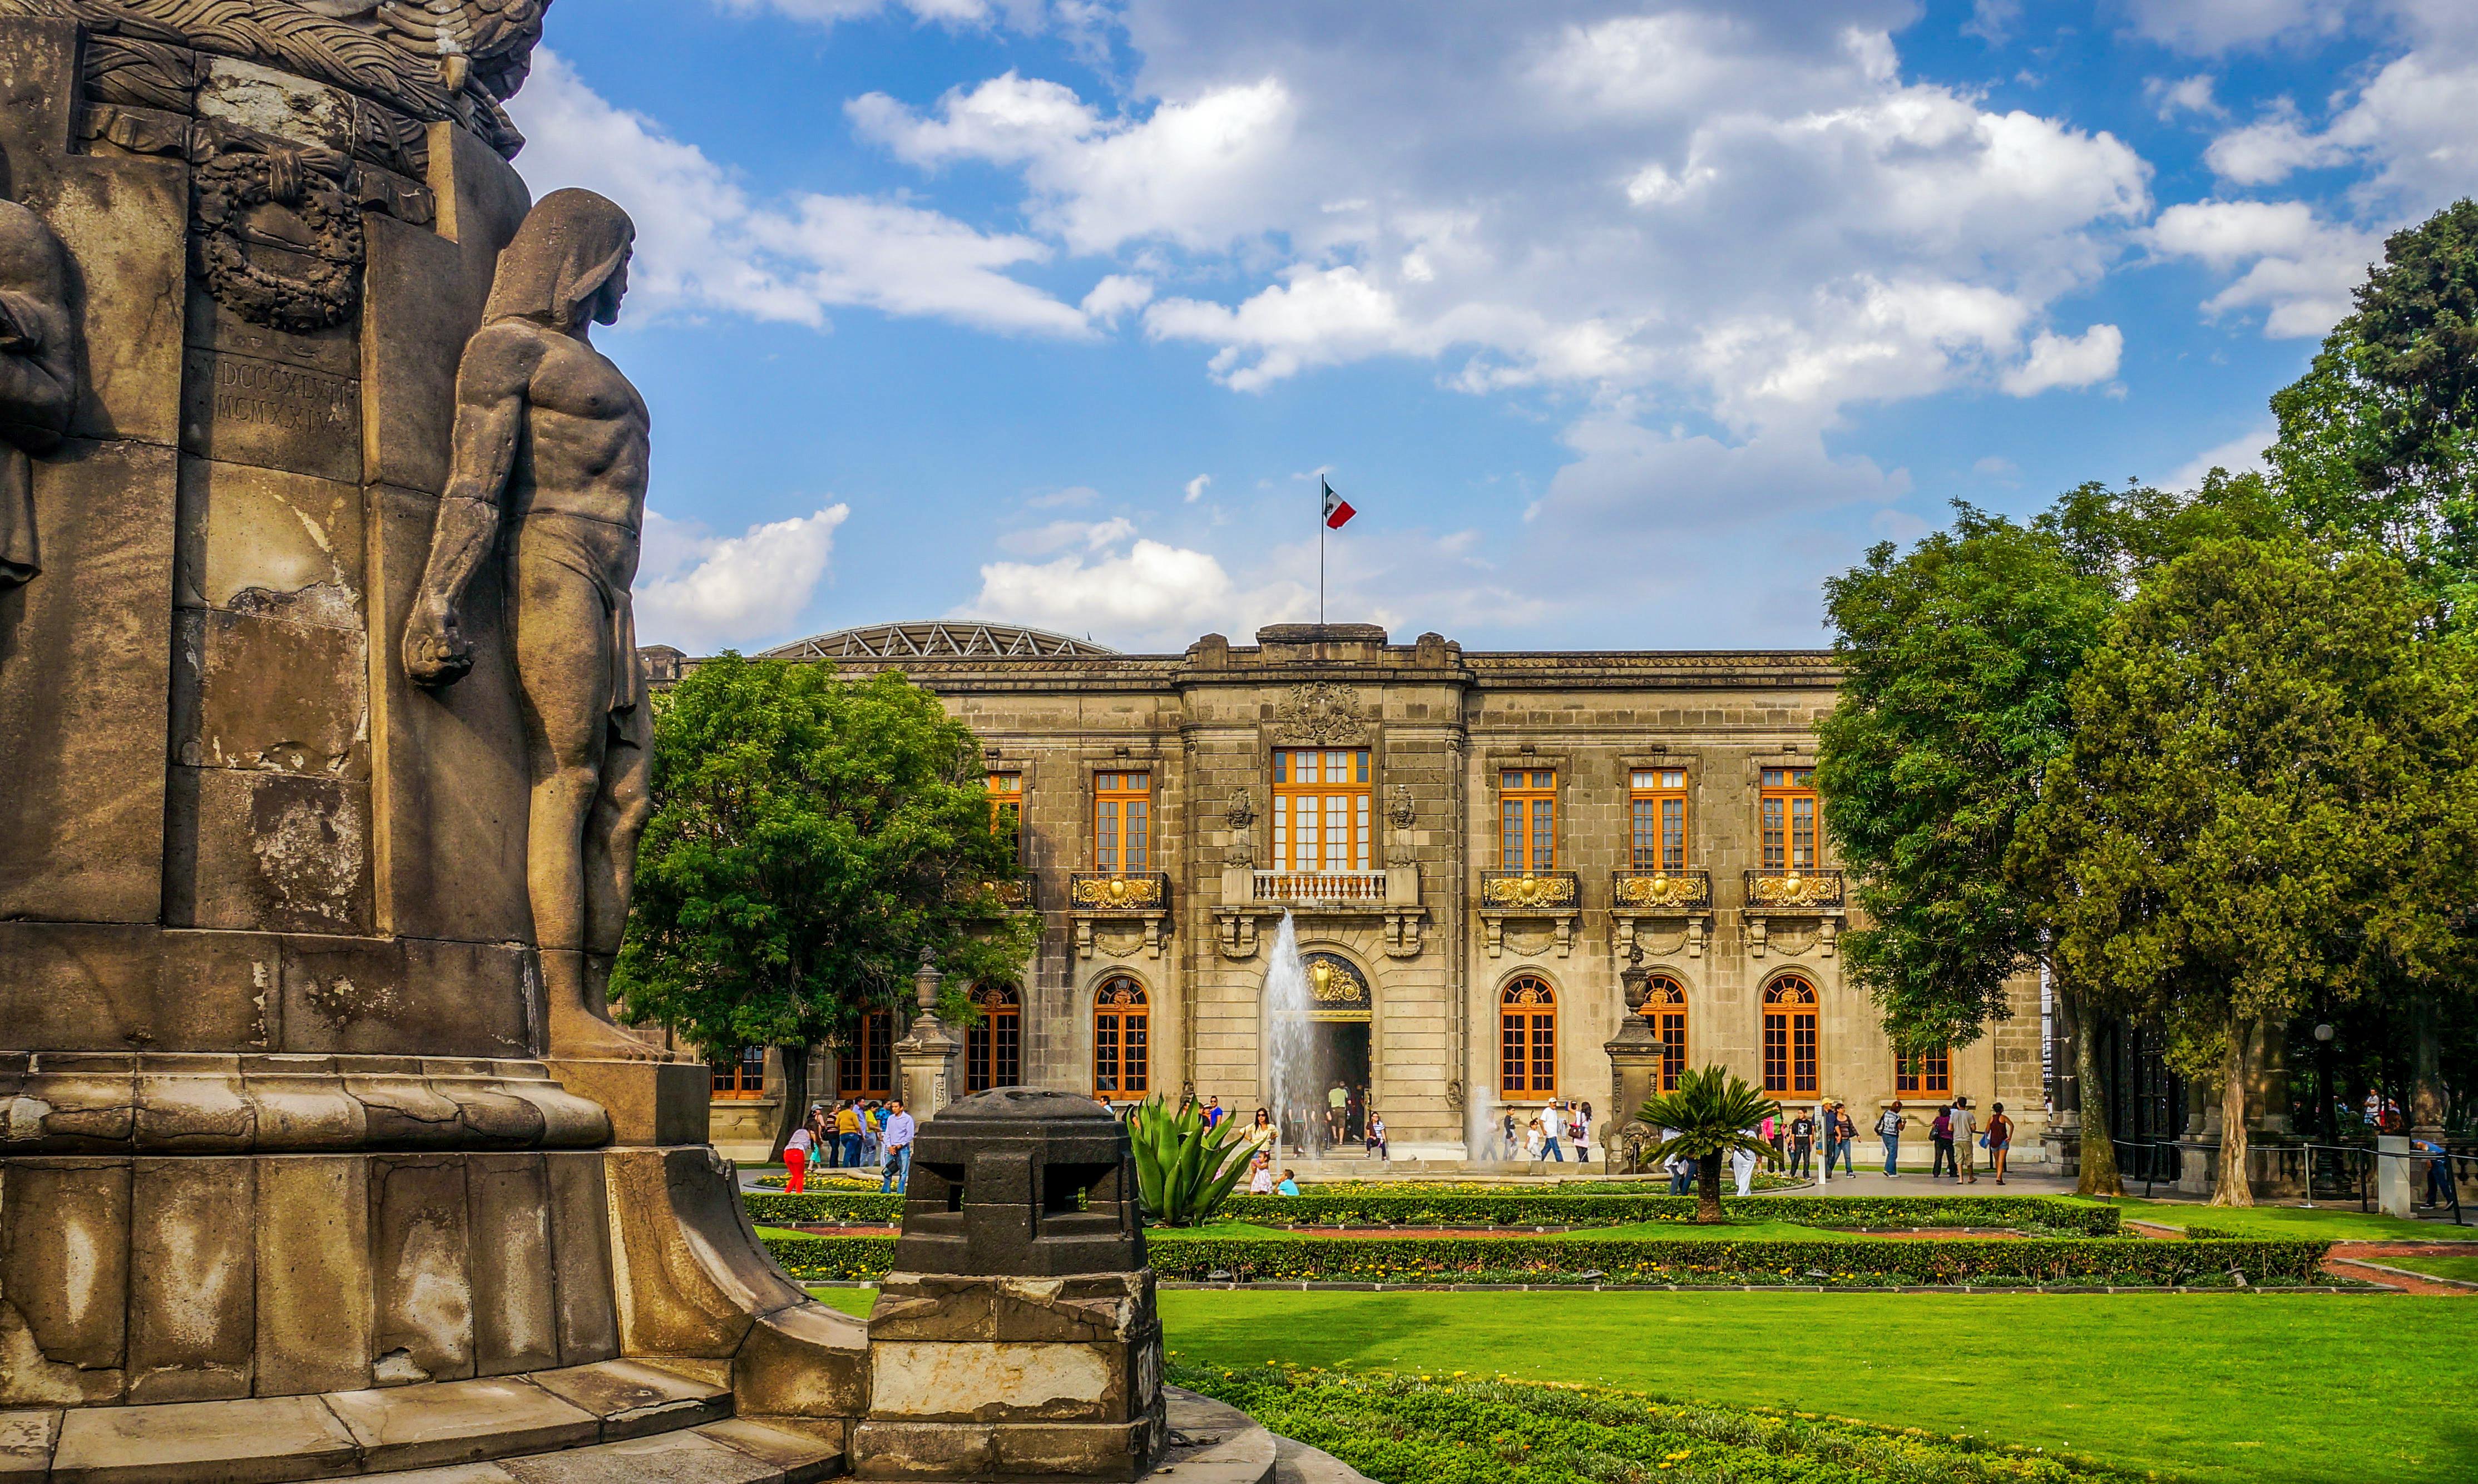 コロニアルを肌で感じる!メキシコ・シティ周辺で観光すべきスポット6選